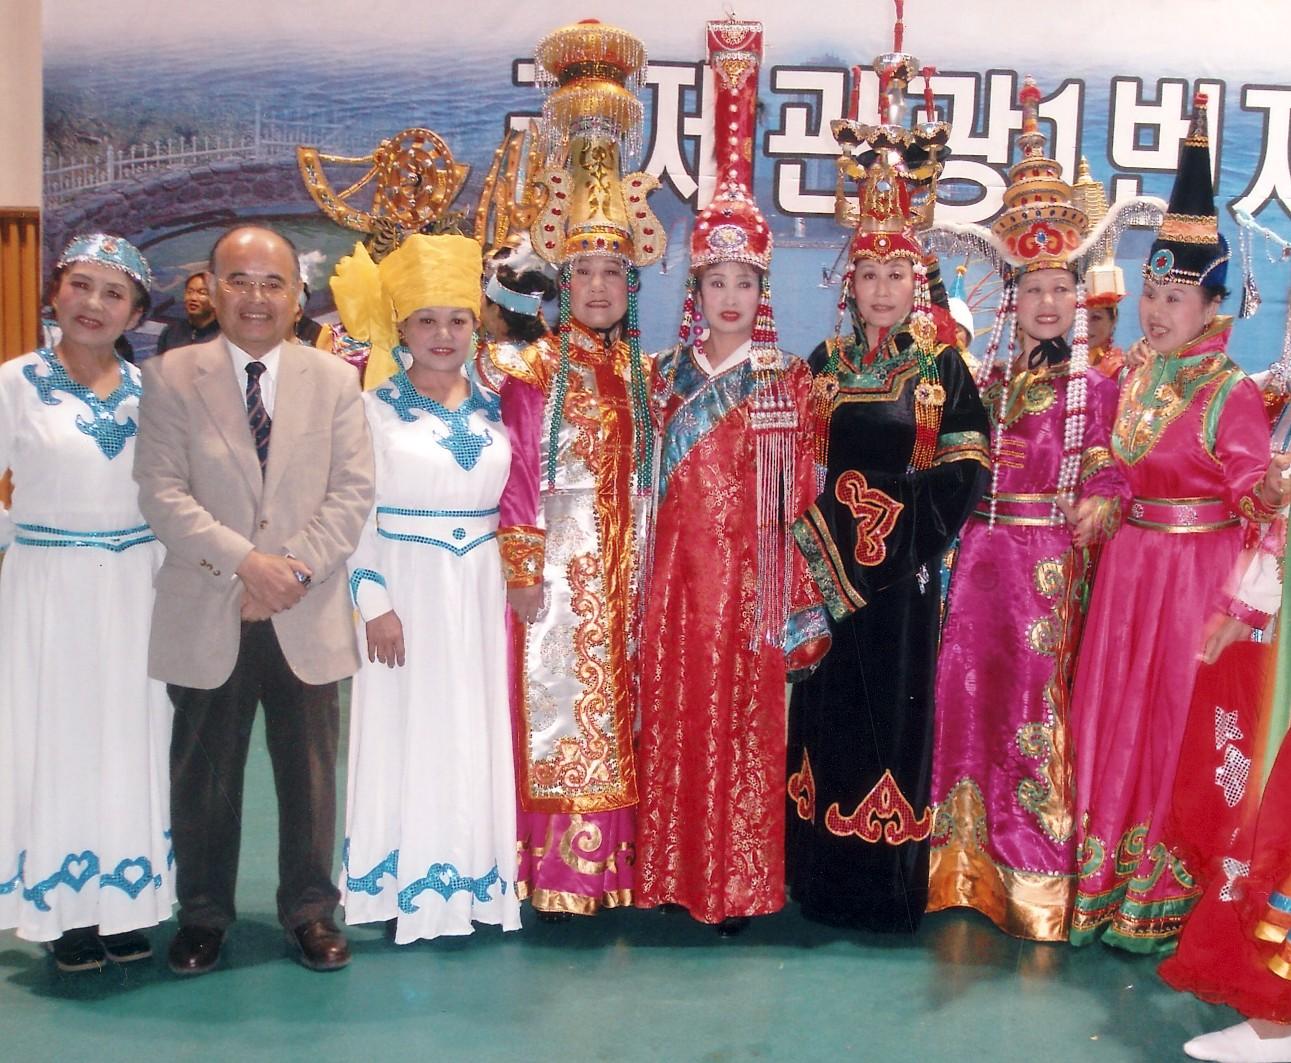 韓国束草市で開催の日中韓「高齢者の生き方」シンポジウムに日本人唯一のパネリストとして招かれる。 2008年11月